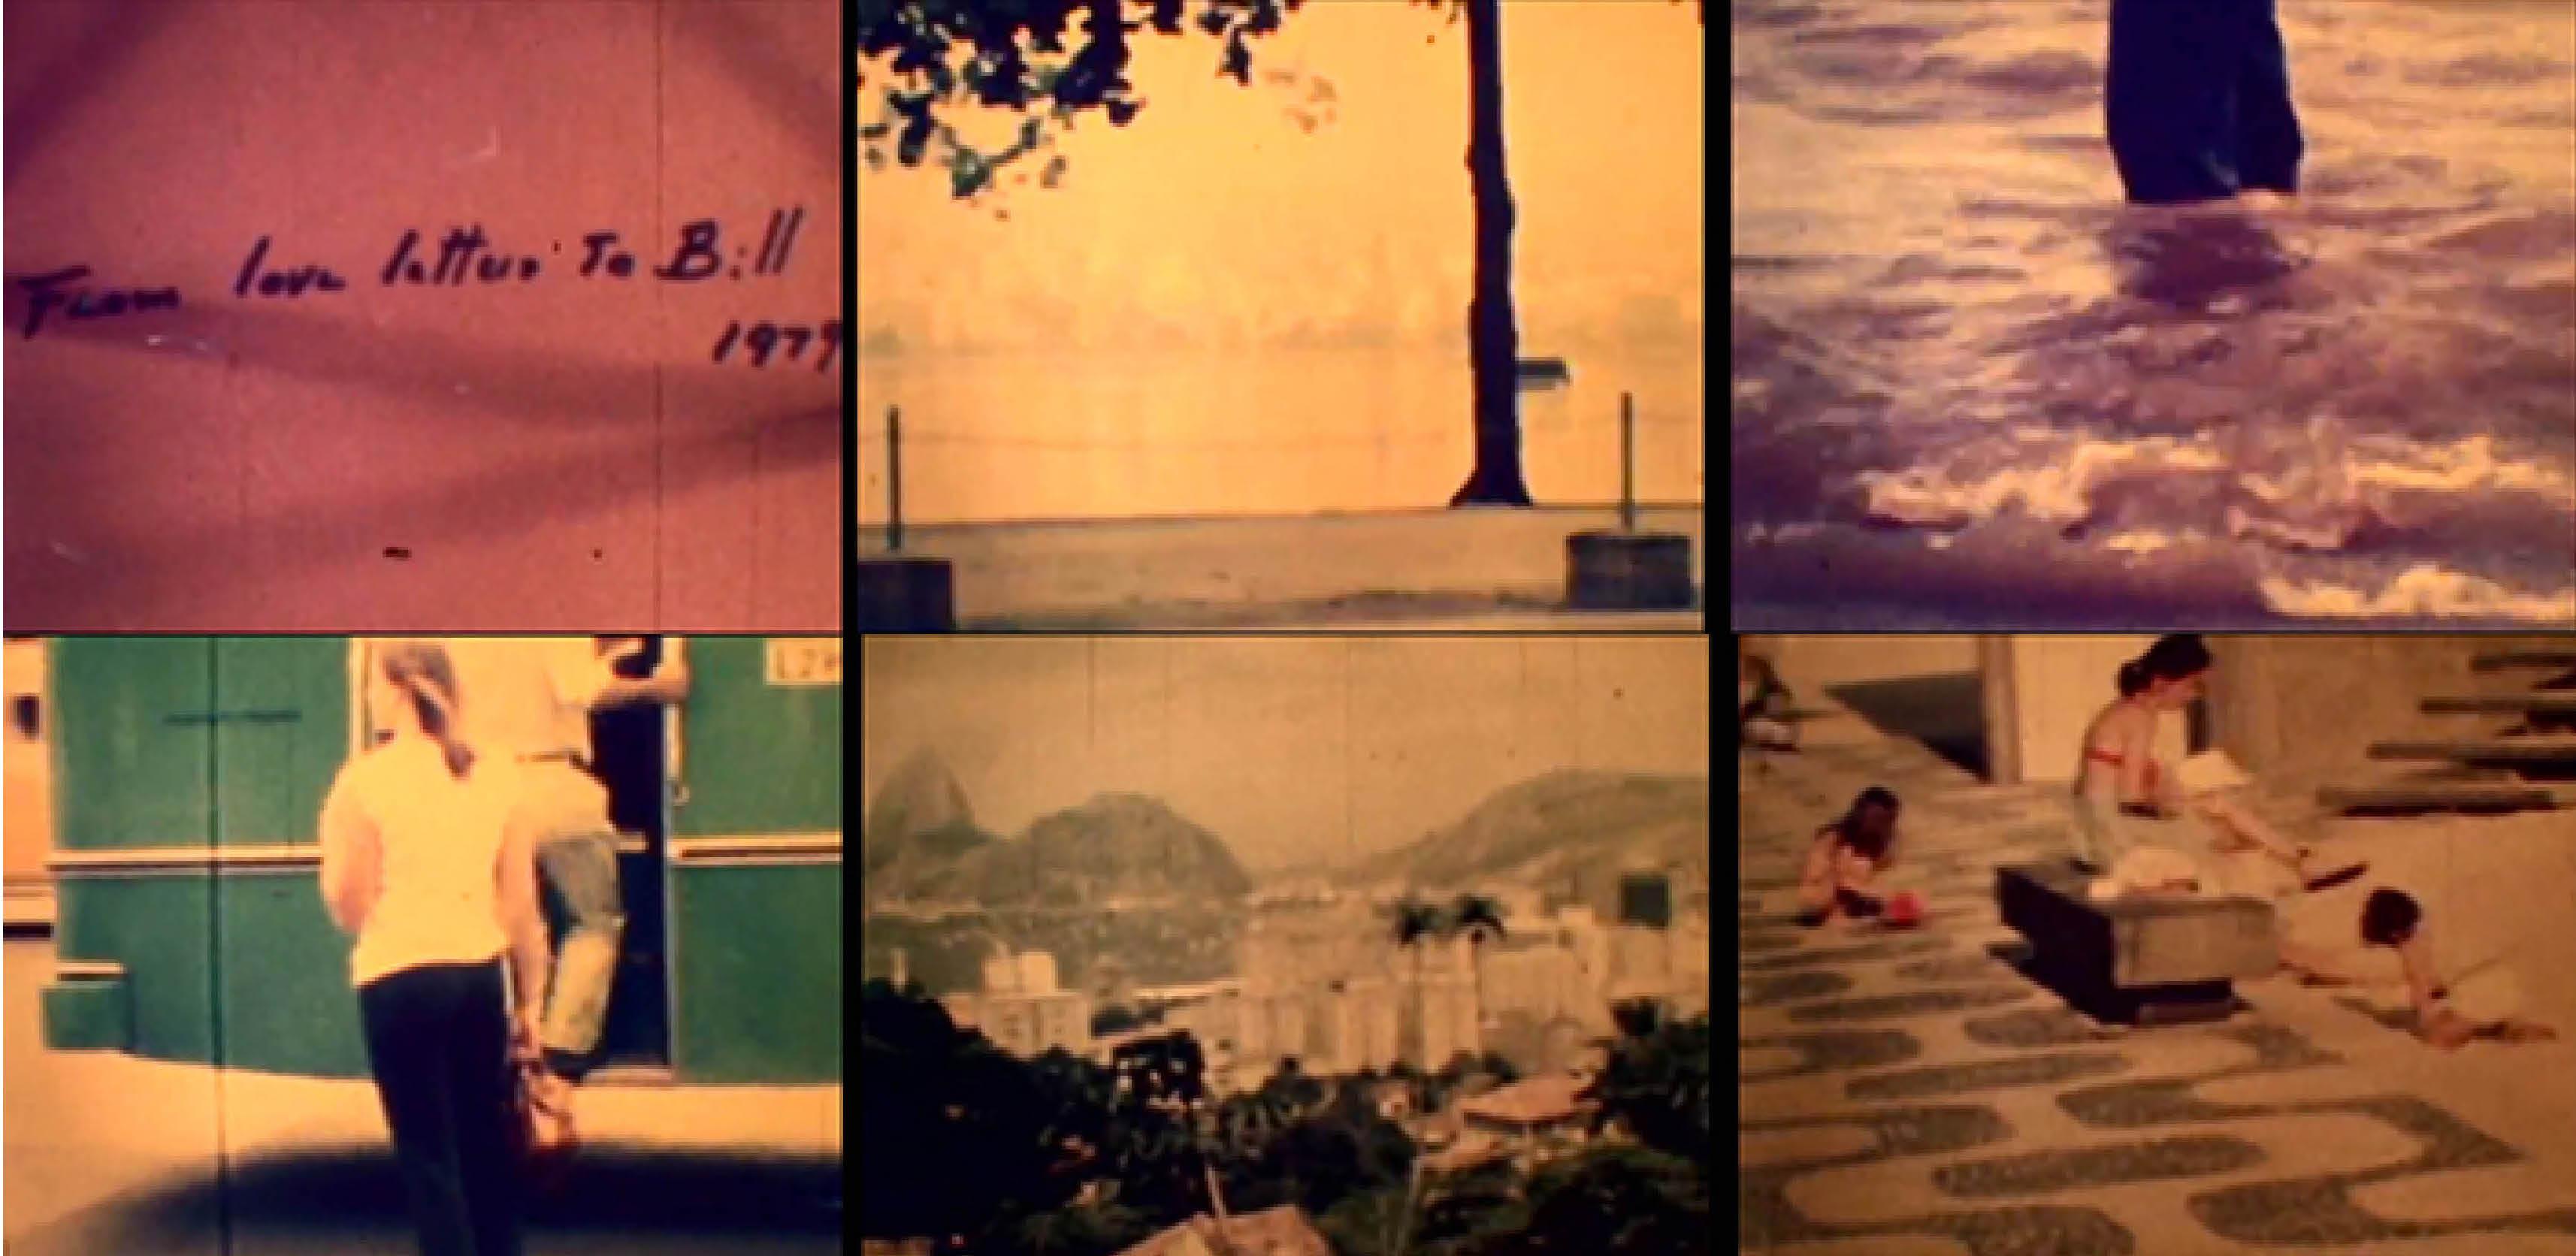 Regina Vater, Rio to Oiticica : Art, 1979, Video, Ed 1:8 + 1